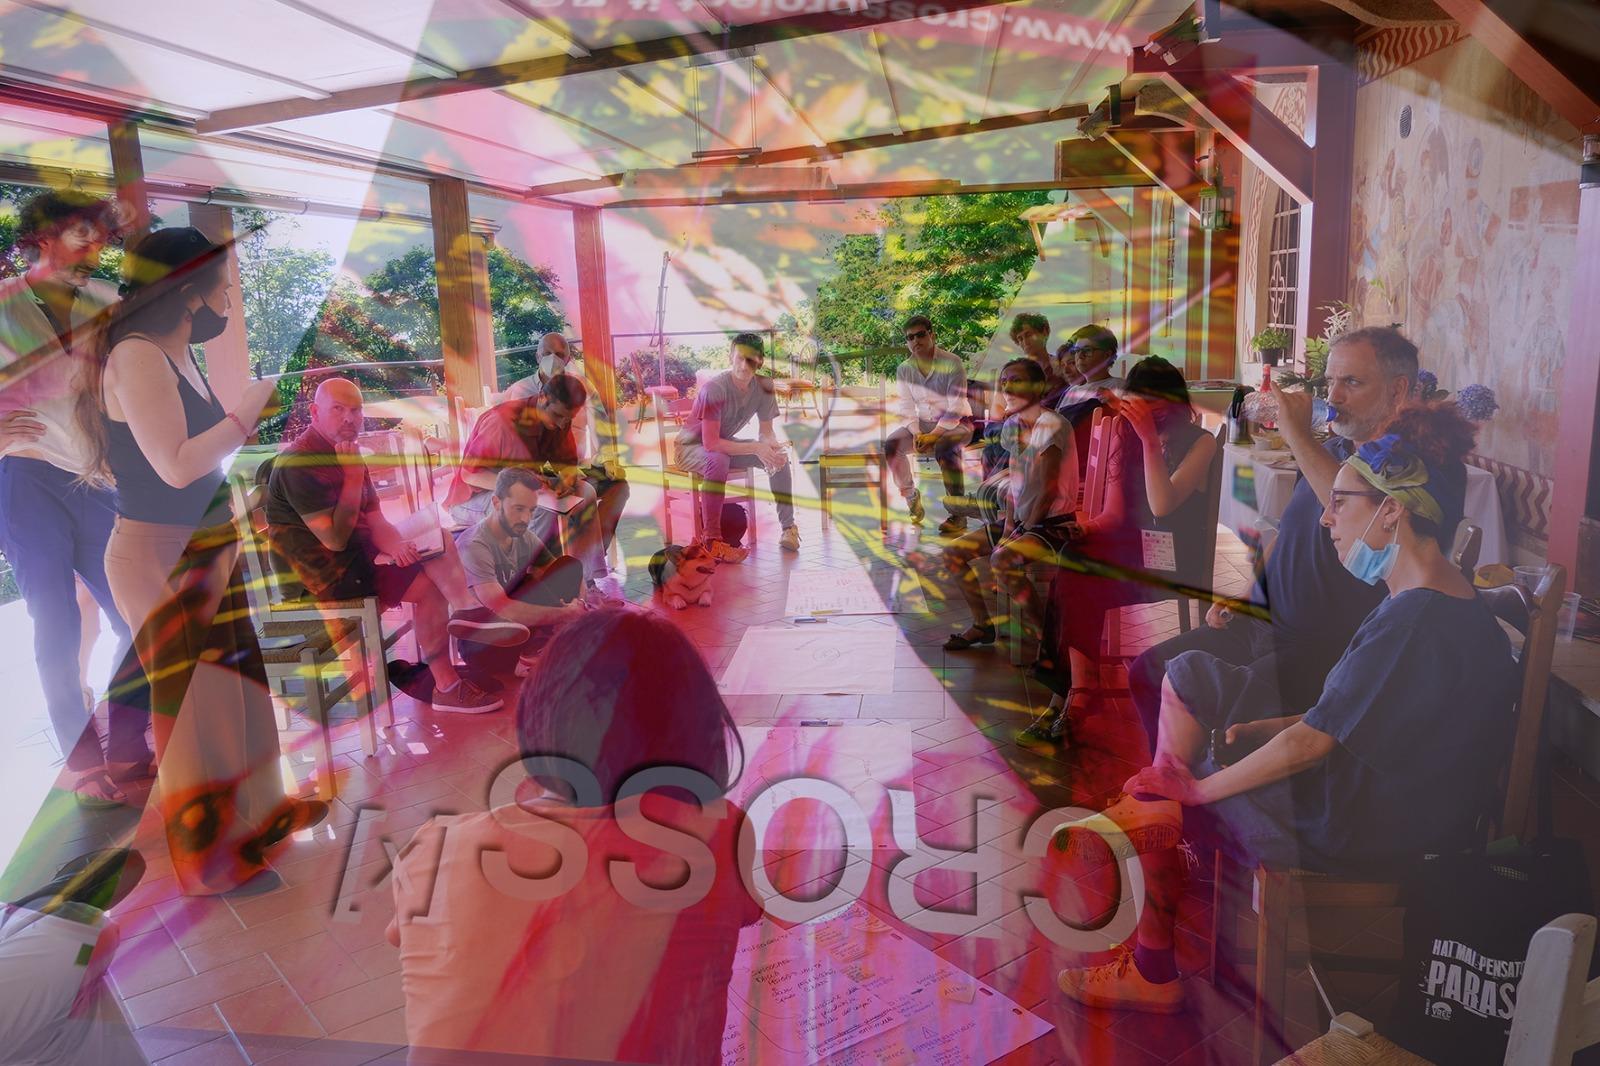 Centro per seminari offre ospitalità a volontari alla pari